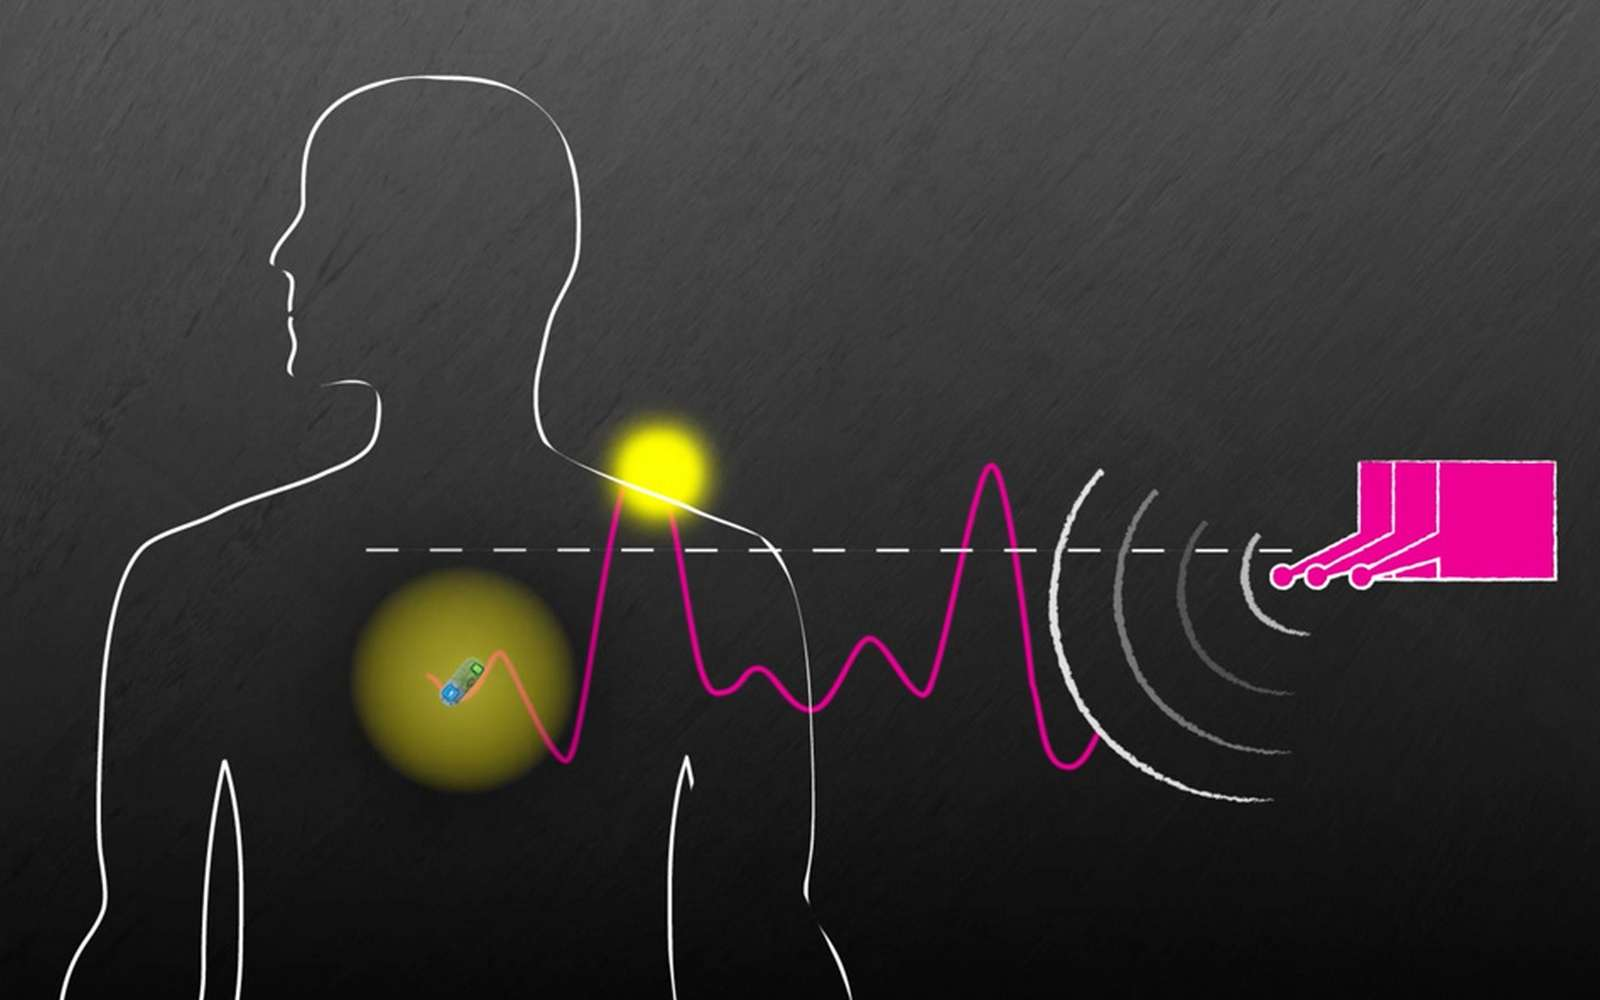 Le système de transmission sans fil du MIT repose sur une diffusion du signal radio via plusieurs antennes à différentes fréquences. © MIT, Brigham and Women's Hospital